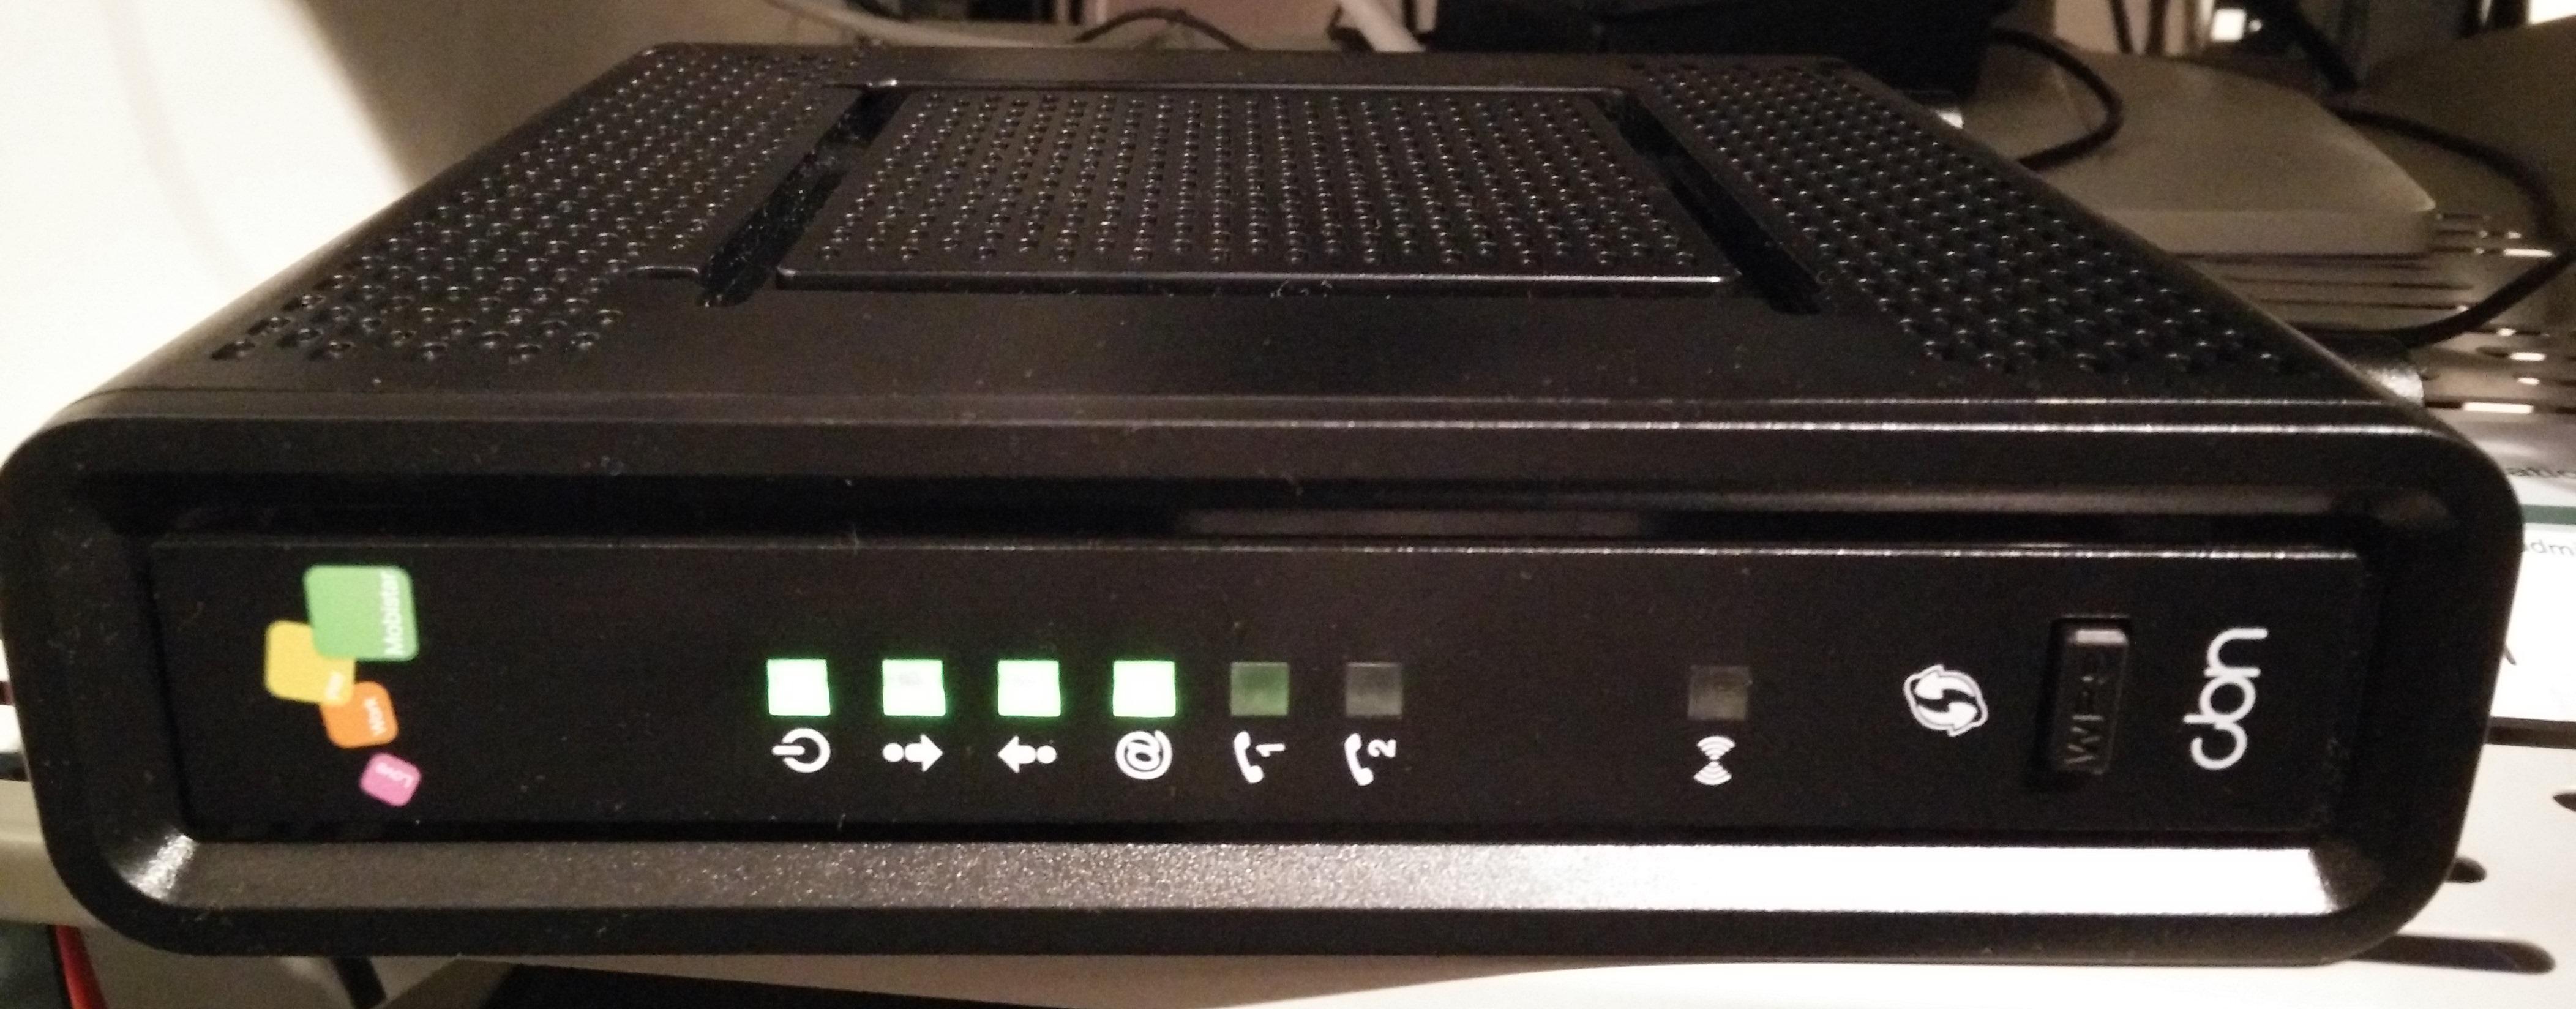 modem-front